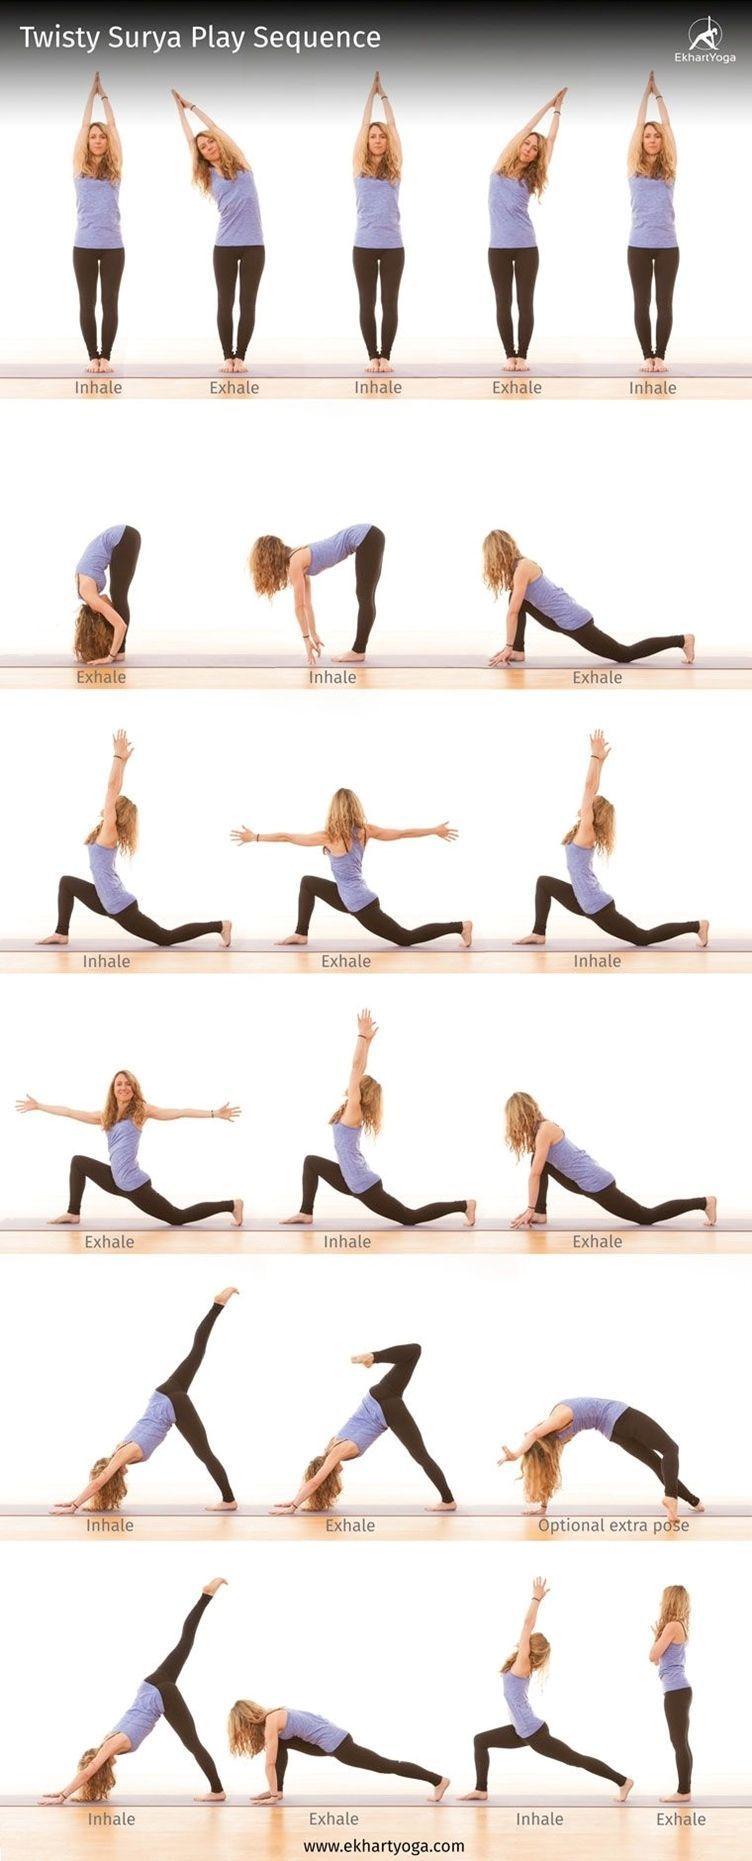 Fast weight loss tips idea #rapidweightloss :) | weight loss tricks that work#weightlossjourney #fit...